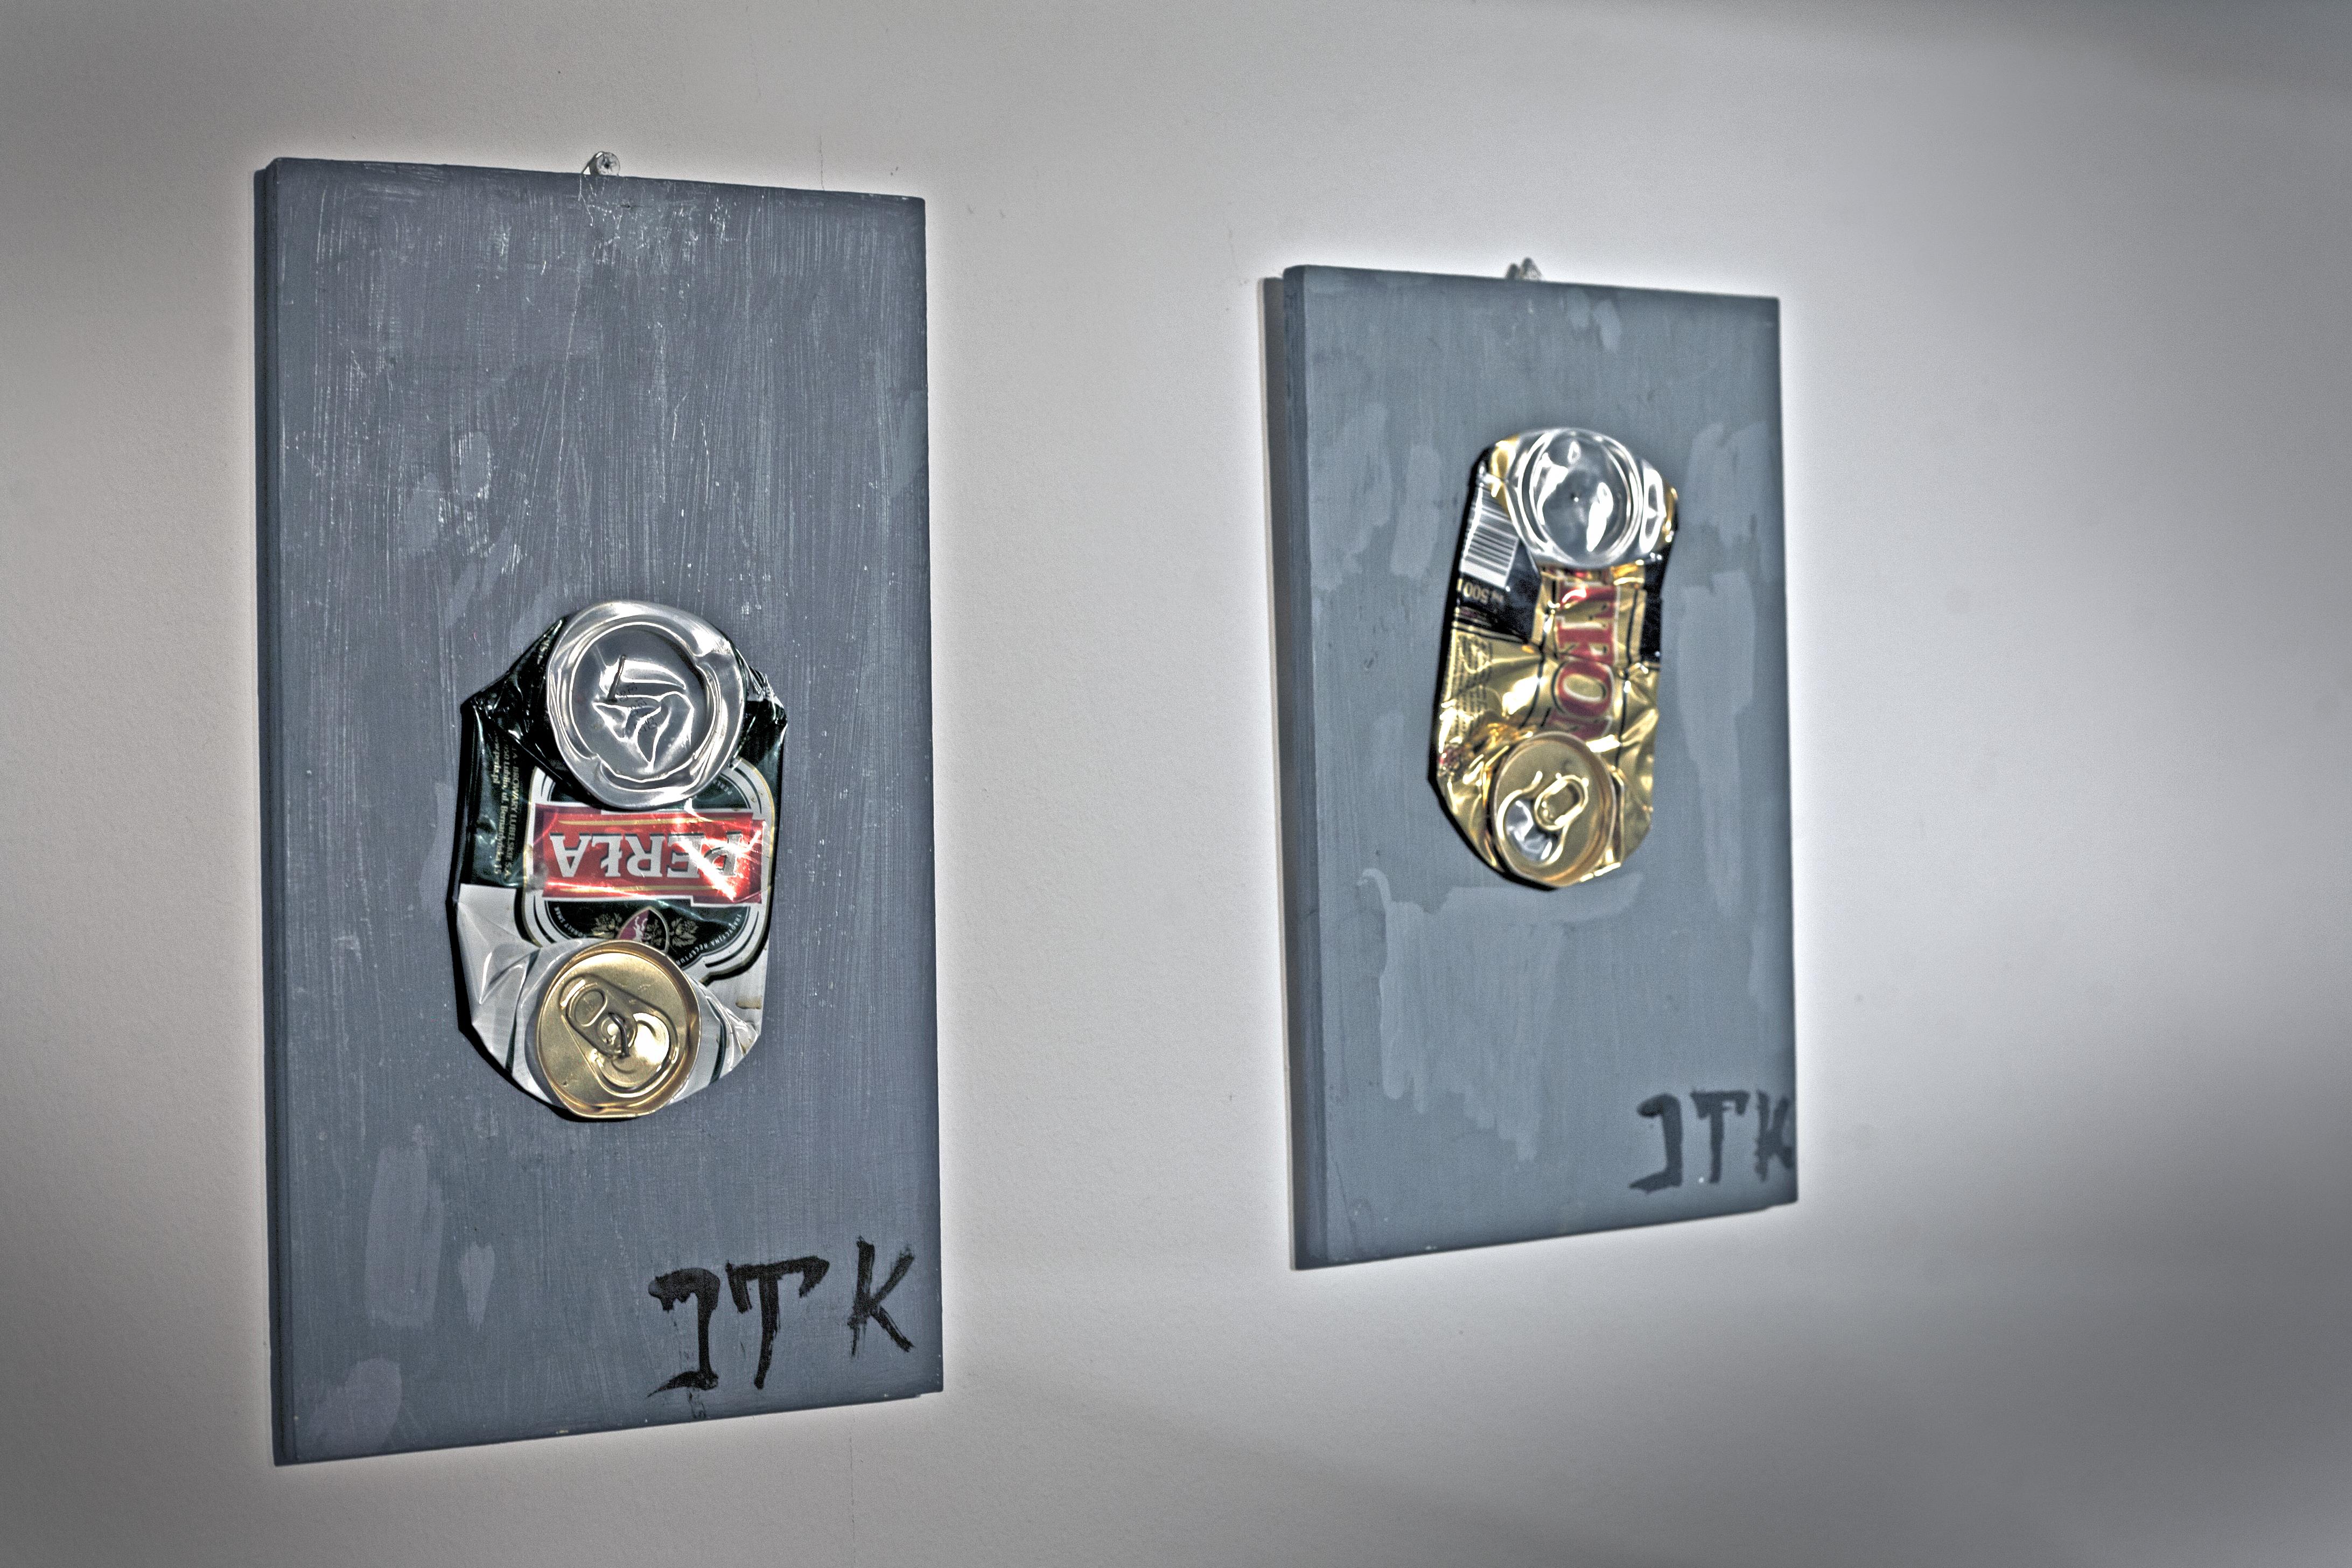 Józef Tomczyk Kurosawa, obrazy zdoklejonymi puszkami popiwie, Galeria Miasta Ogrodów, Katowice